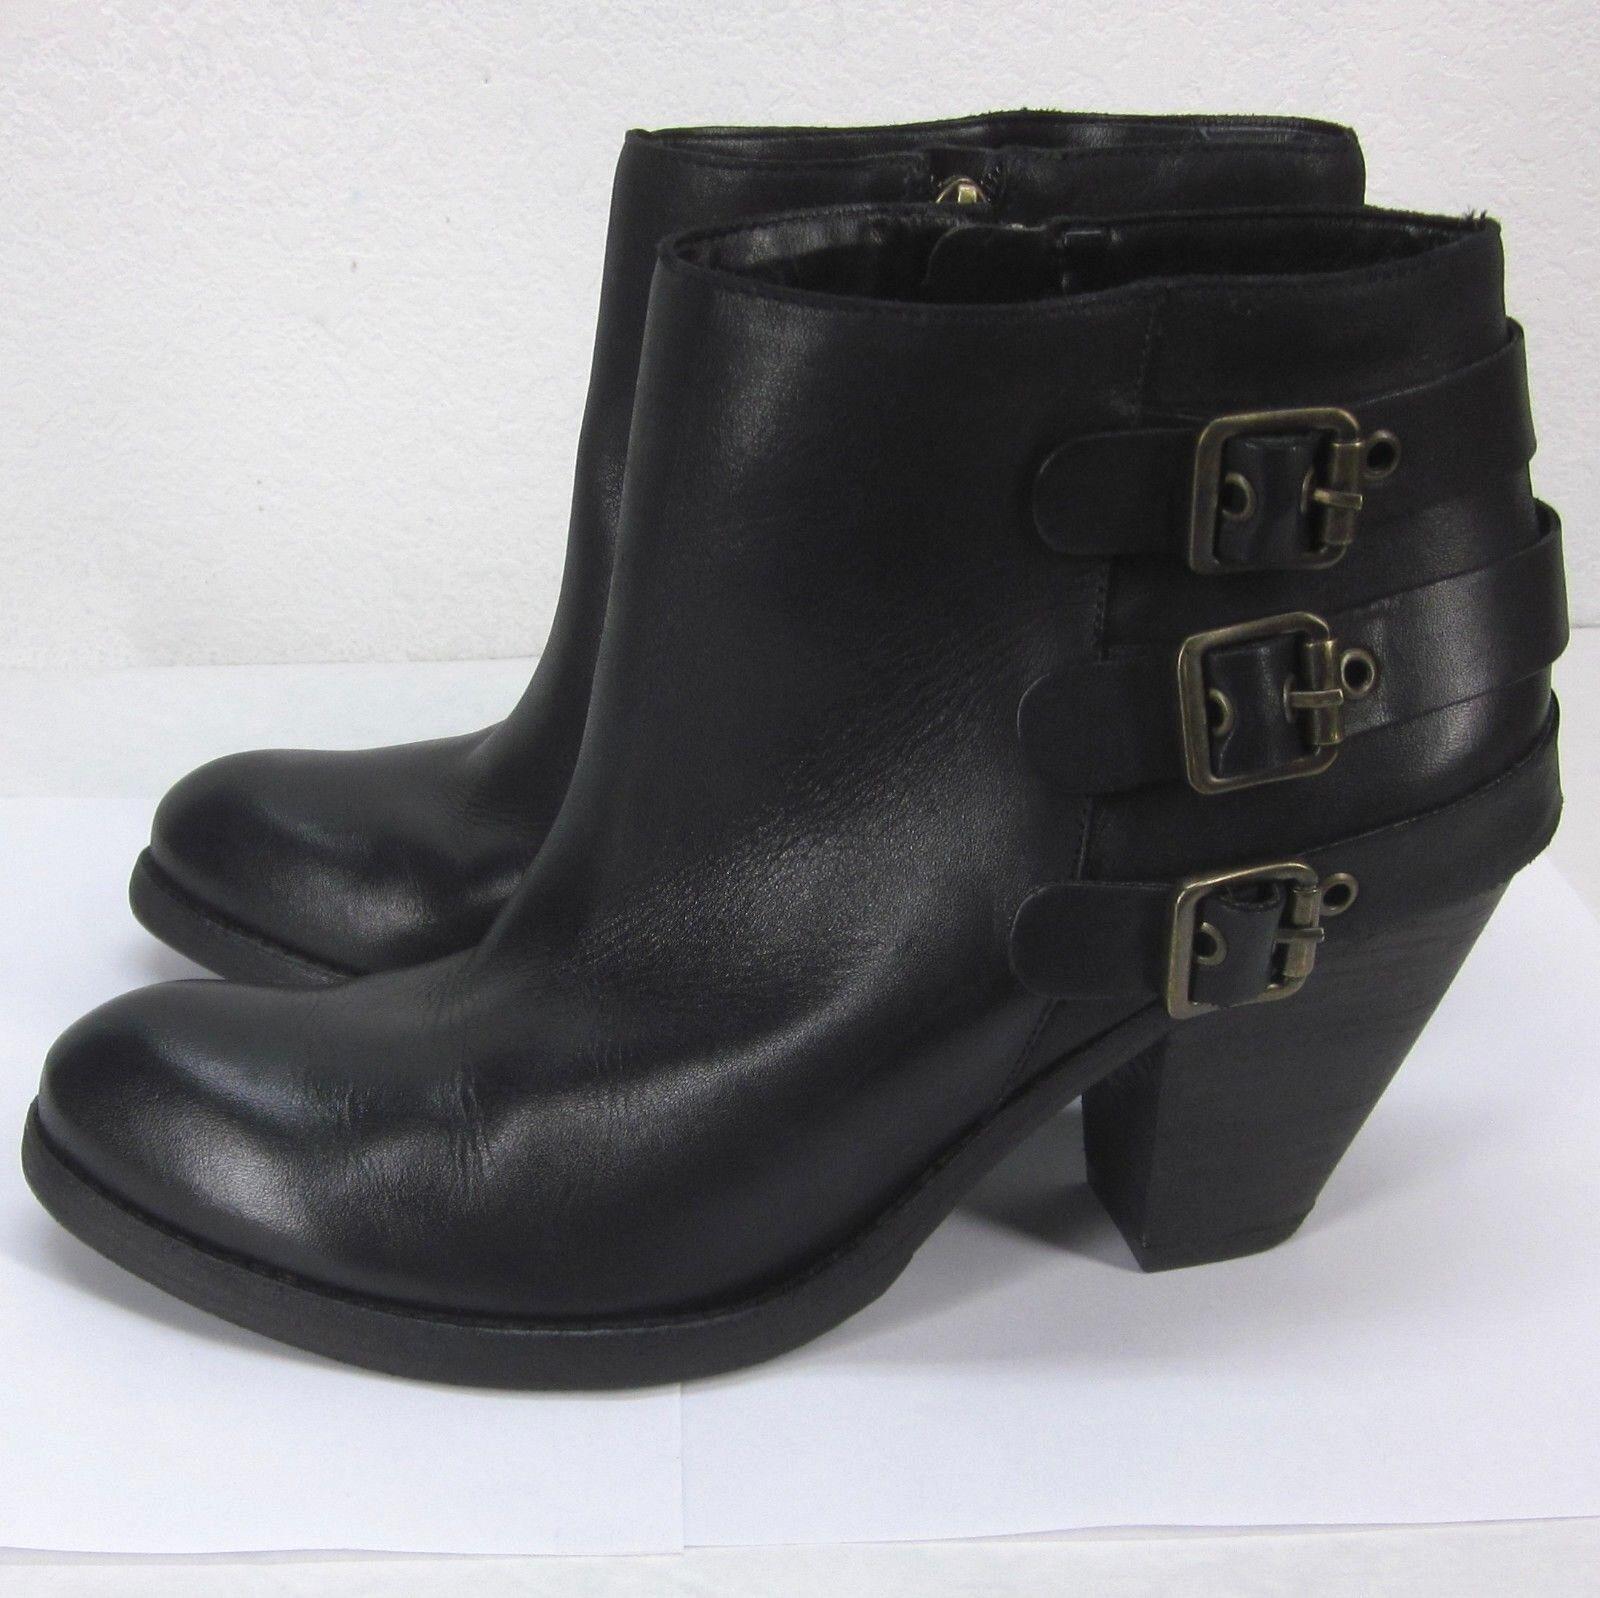 da non perdere! SCHUTZ  SHER  Three Buckle Buckle Buckle nero Leather Side Zip Ankle stivali Donna  10.5B US  fino al 42% di sconto